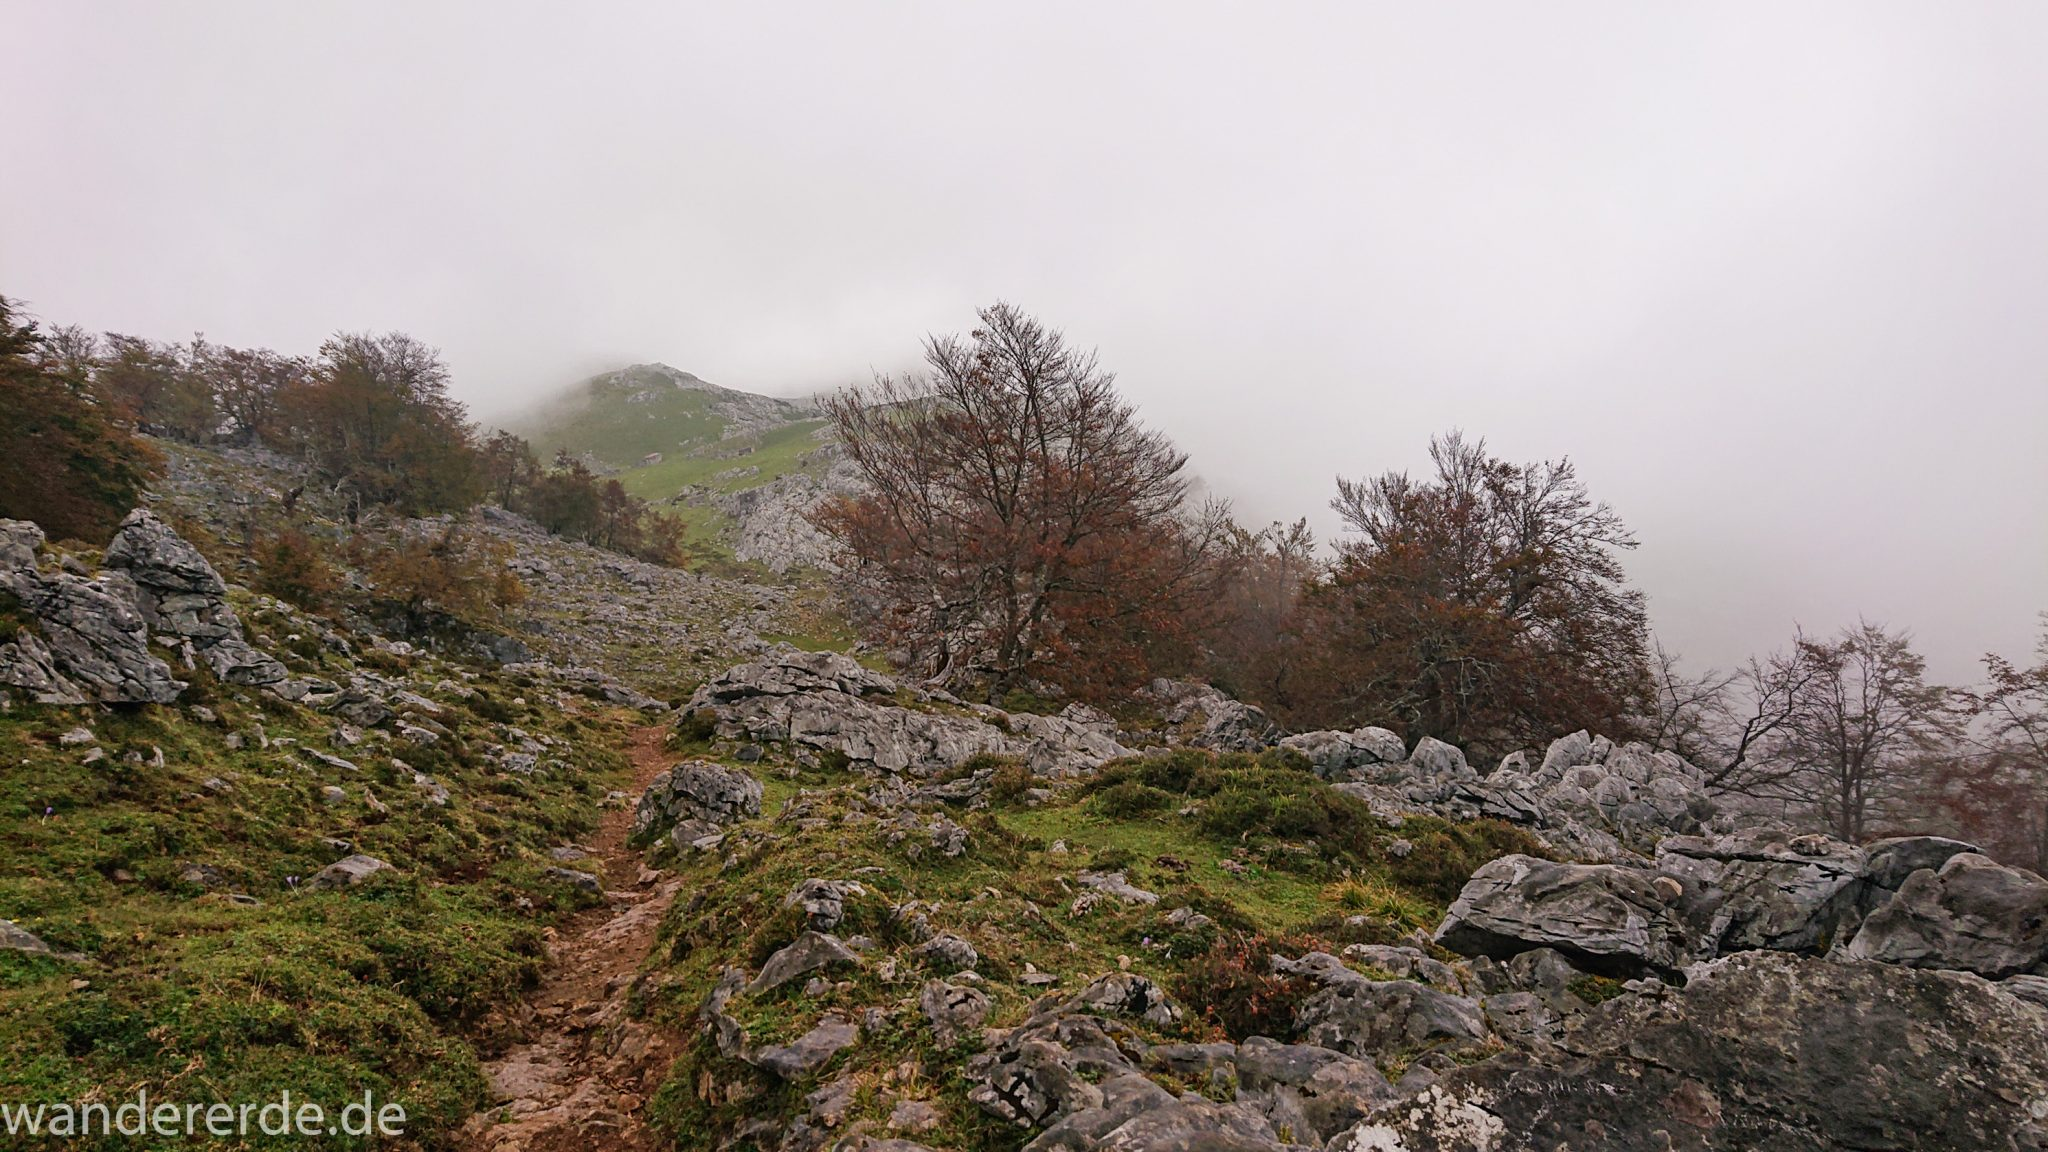 Wanderung Vega de Ario Picos de Europa Spanien, Bäume in Bergregion, Steine, dichte Wolkenfelder, zerklüftete Felsen, schmaler Wanderpfad, keine weite Aussicht